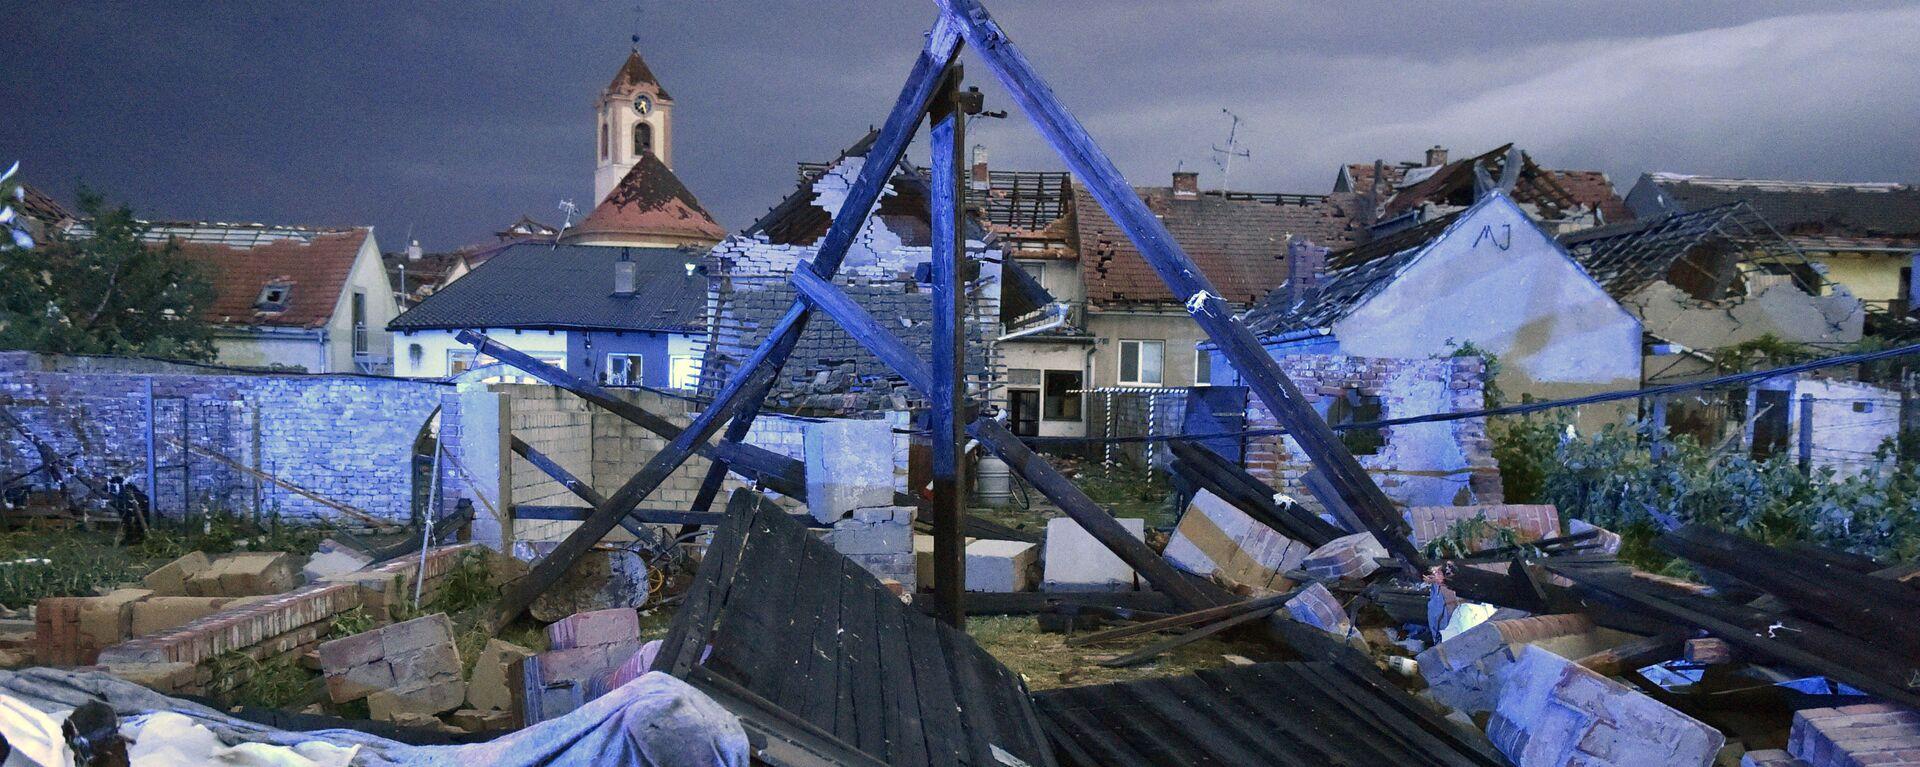 Поврежденные в результате торнадо здания в деревне Хруски, Южная Моравия, Чехия - Sputnik Česká republika, 1920, 26.06.2021